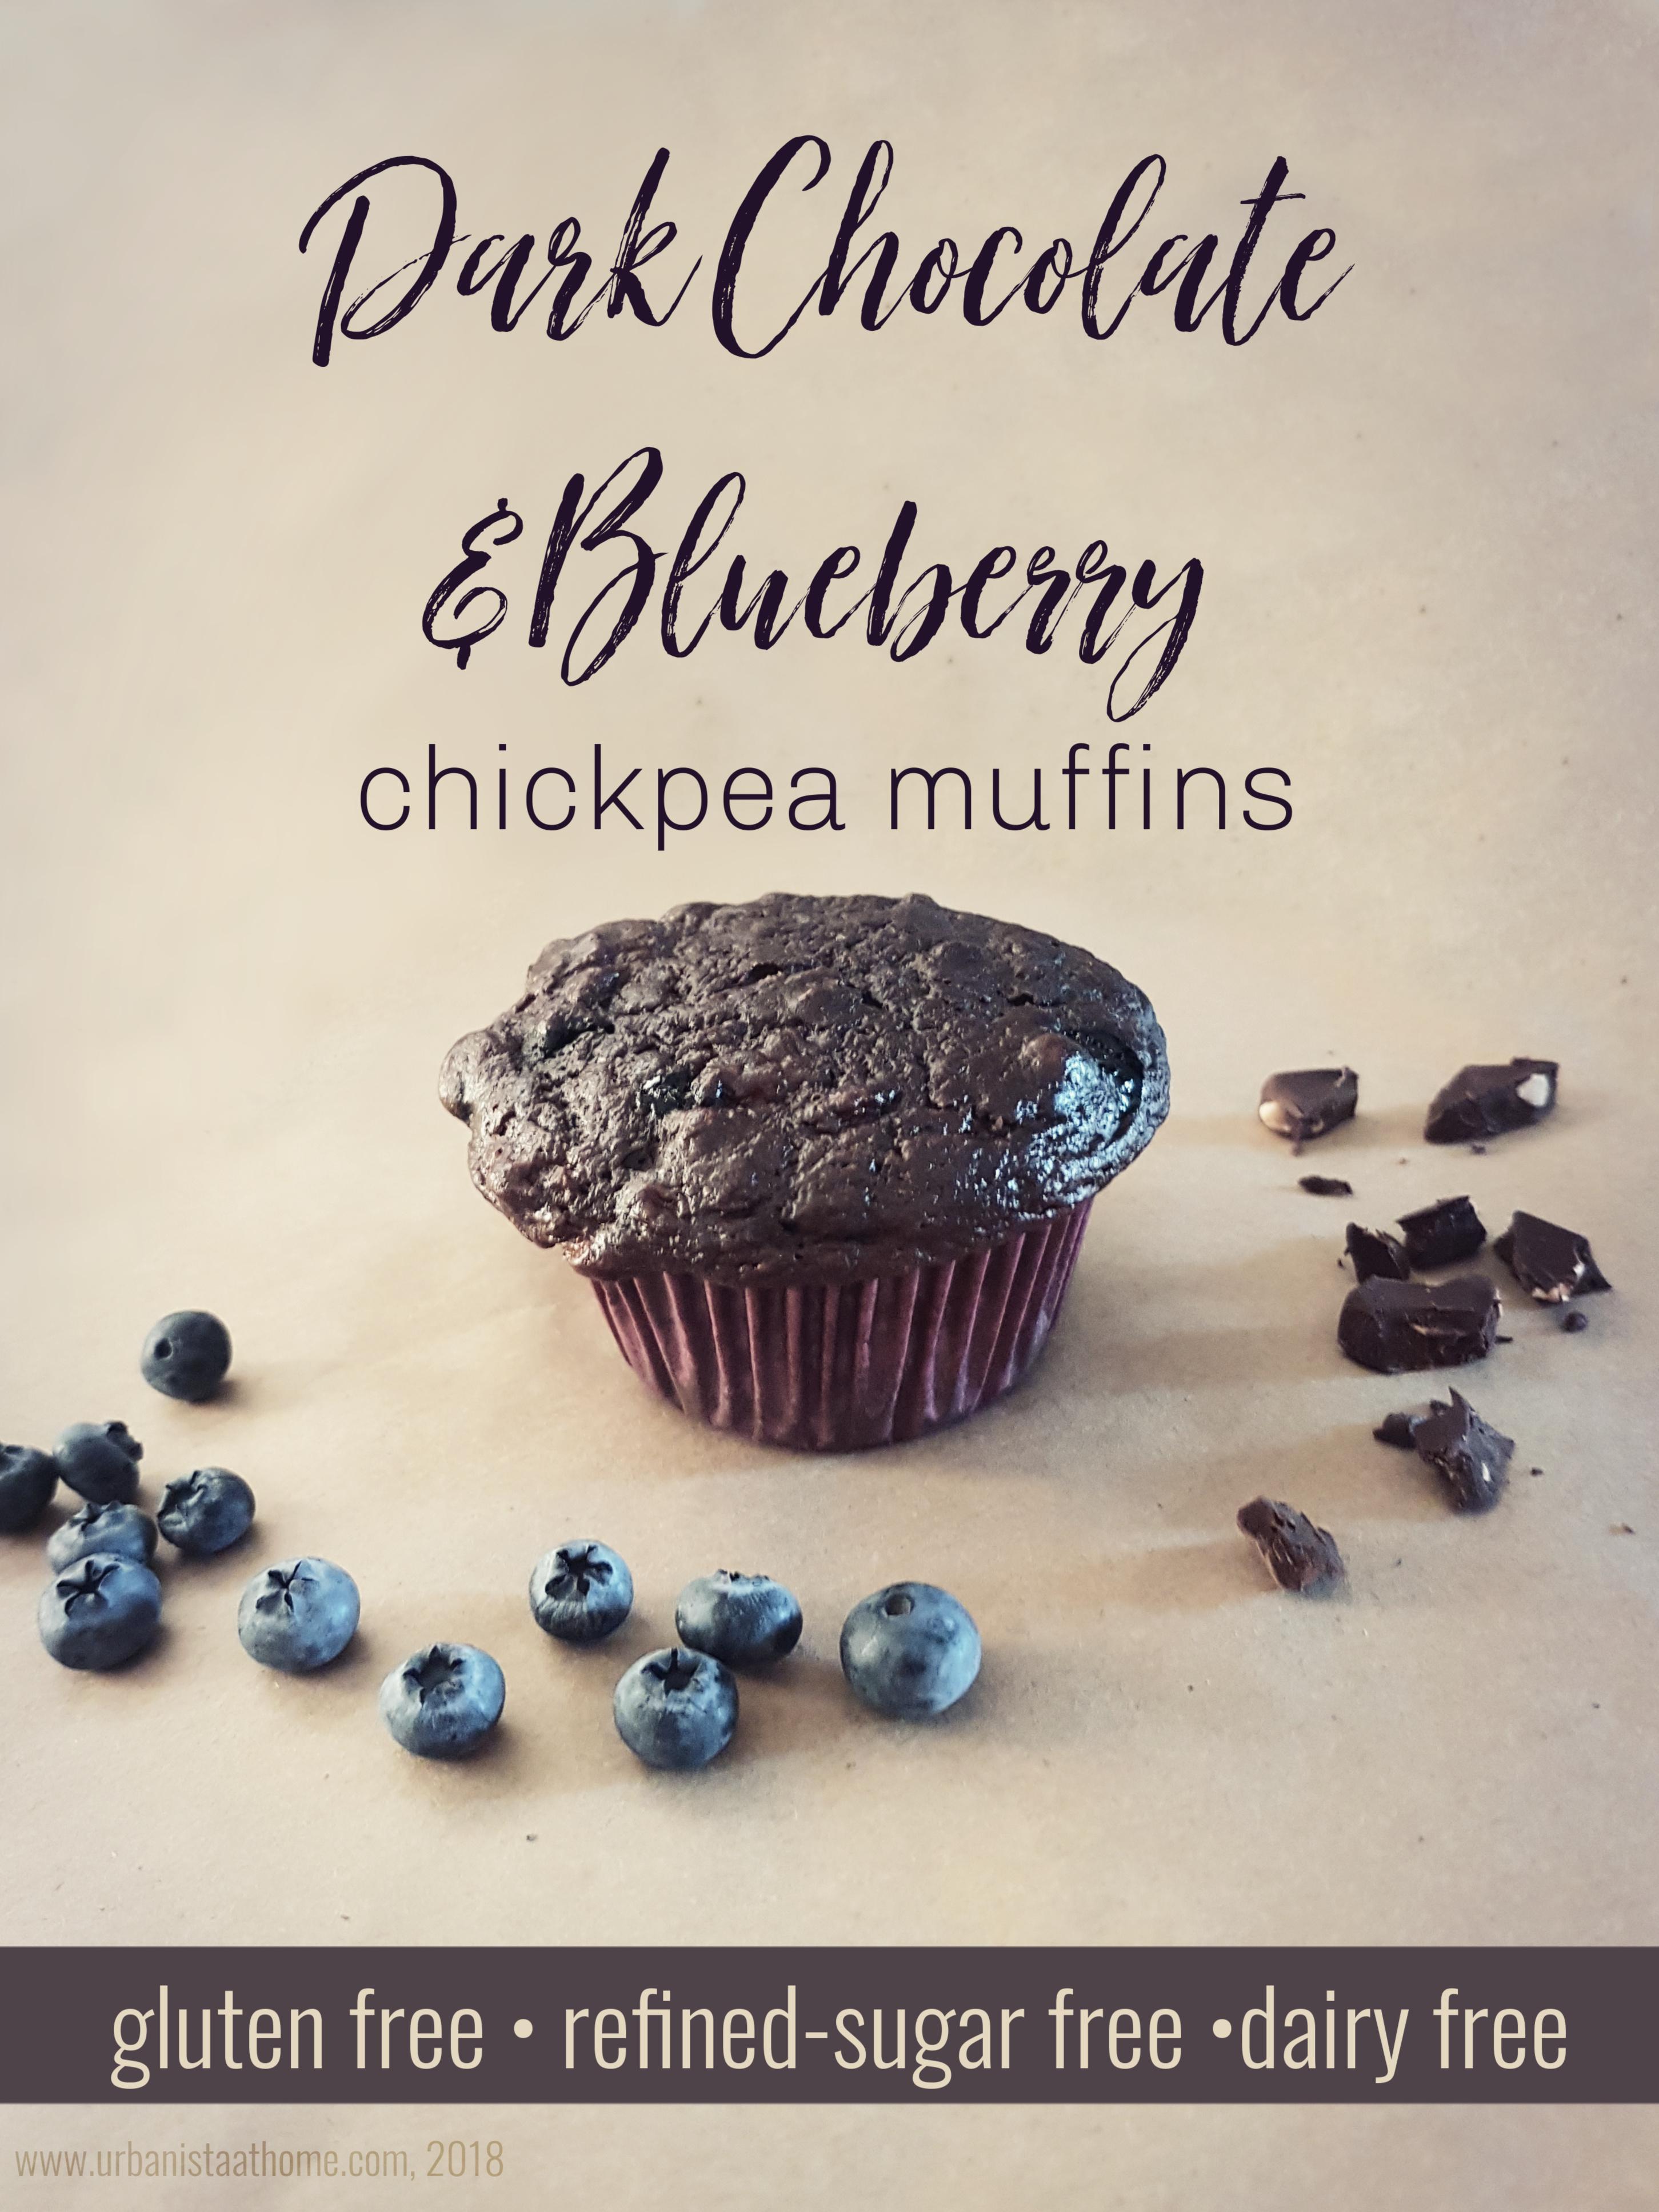 Dark Chocolate Blueberry Chickpea Gluten Free Sugar Free Muffins - Urbanistaathome.com 2018